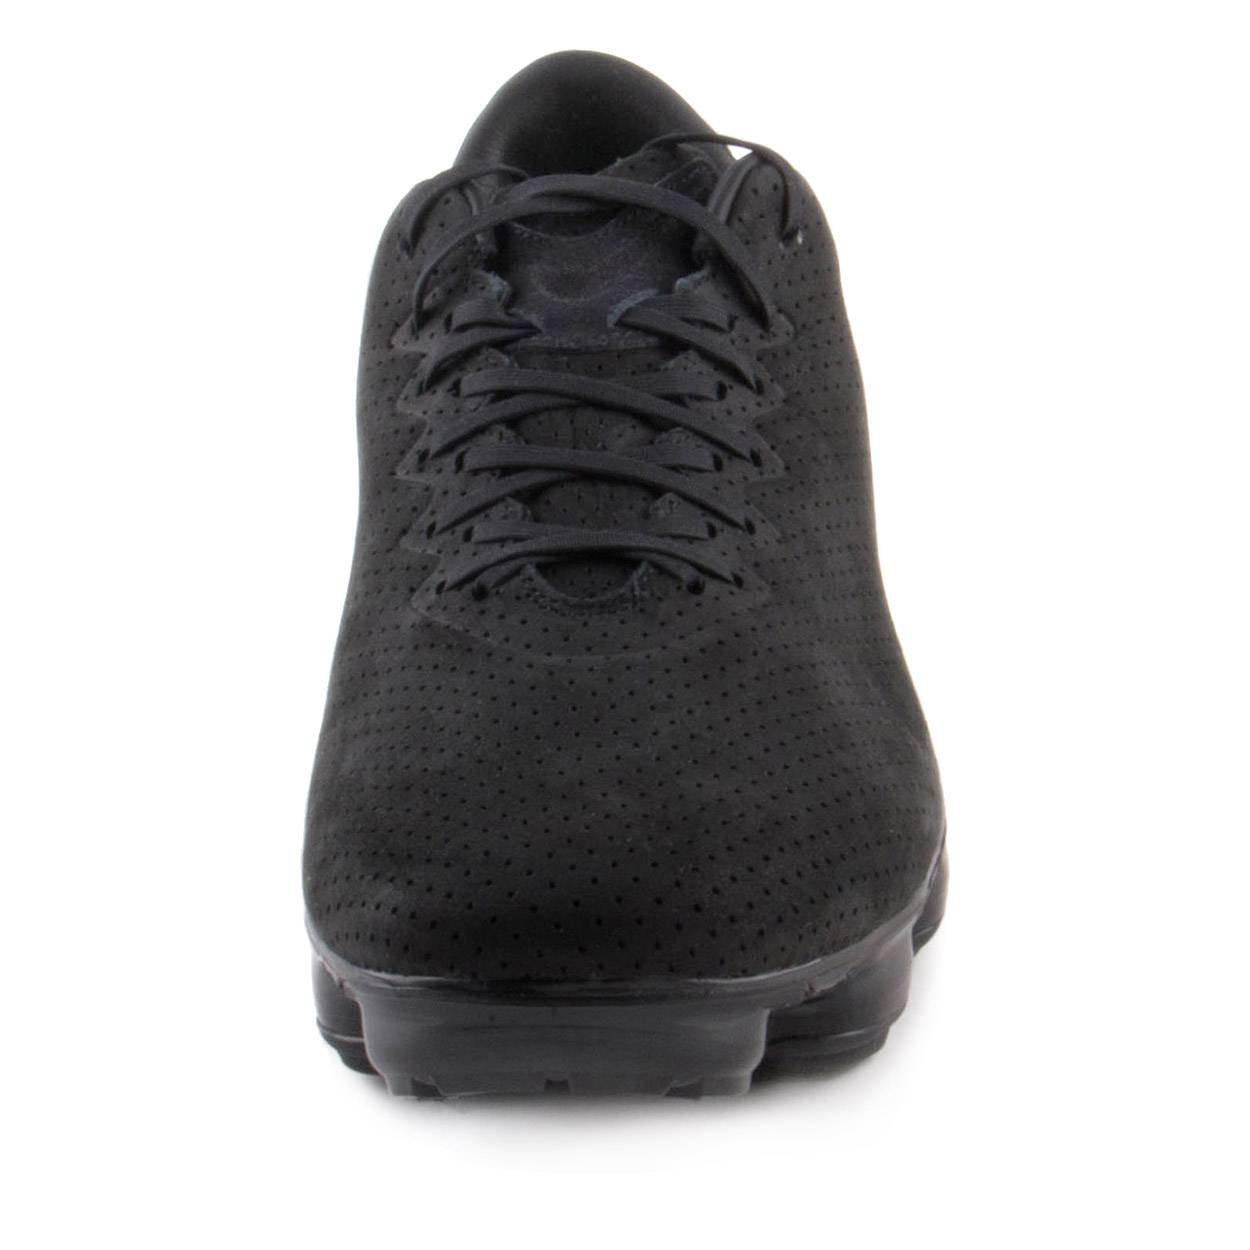 0c380e56c0 Nike mens Air Vapormax Ltr black Size: 6.5 UK: Amazon.co.uk: Shoes & Bags